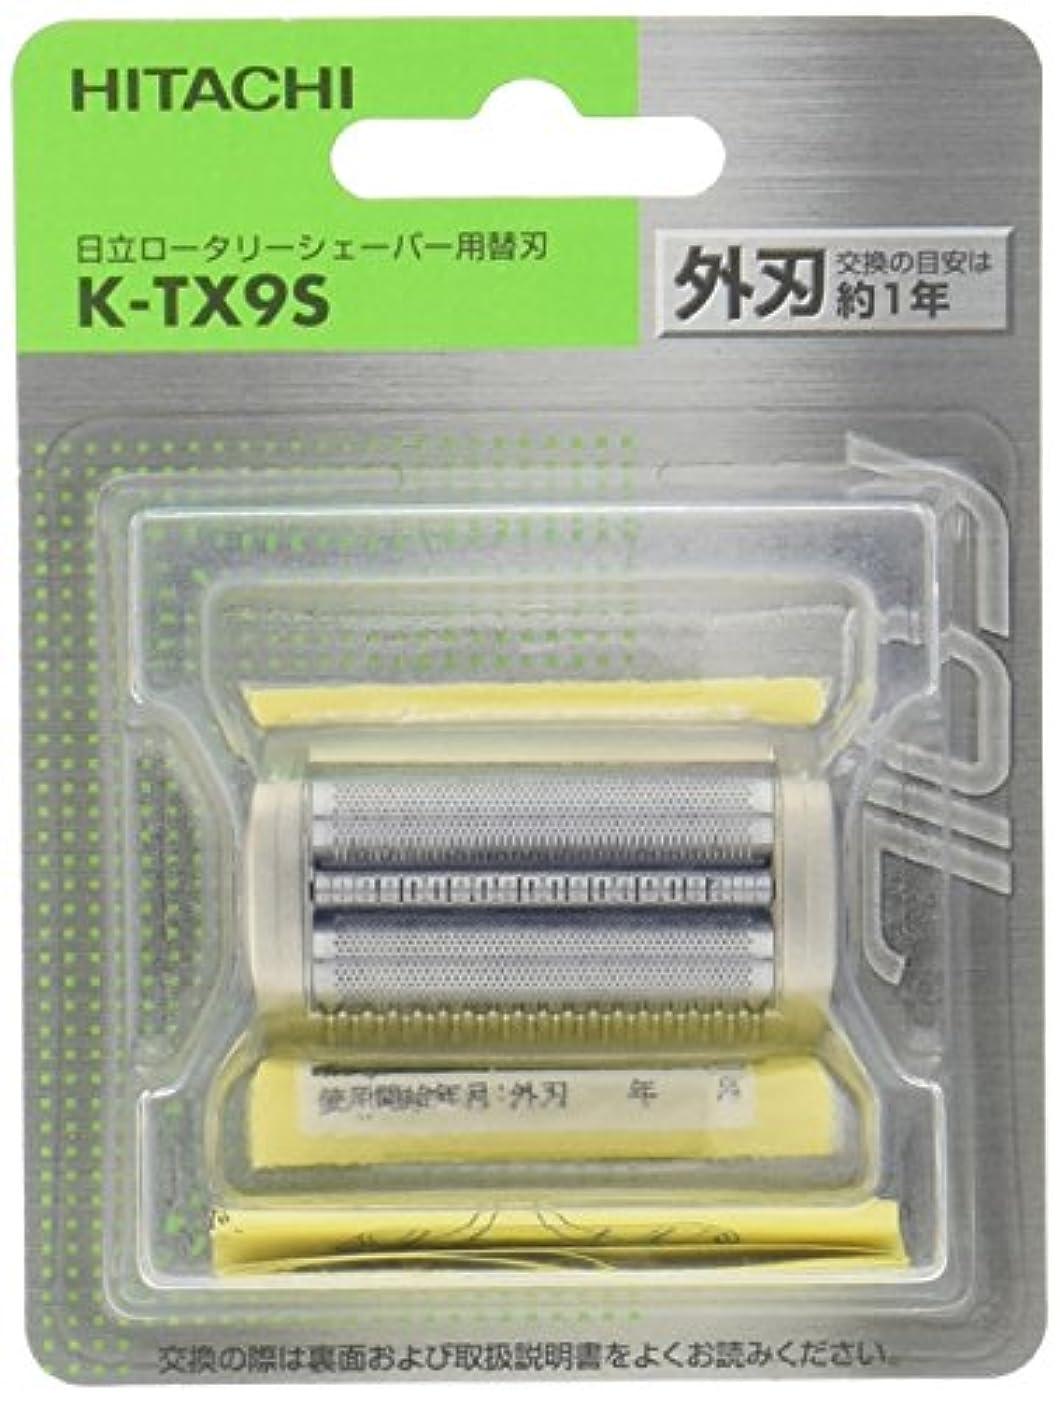 振動する偽装する俳優日立 替刃 外刃 K-TX9S